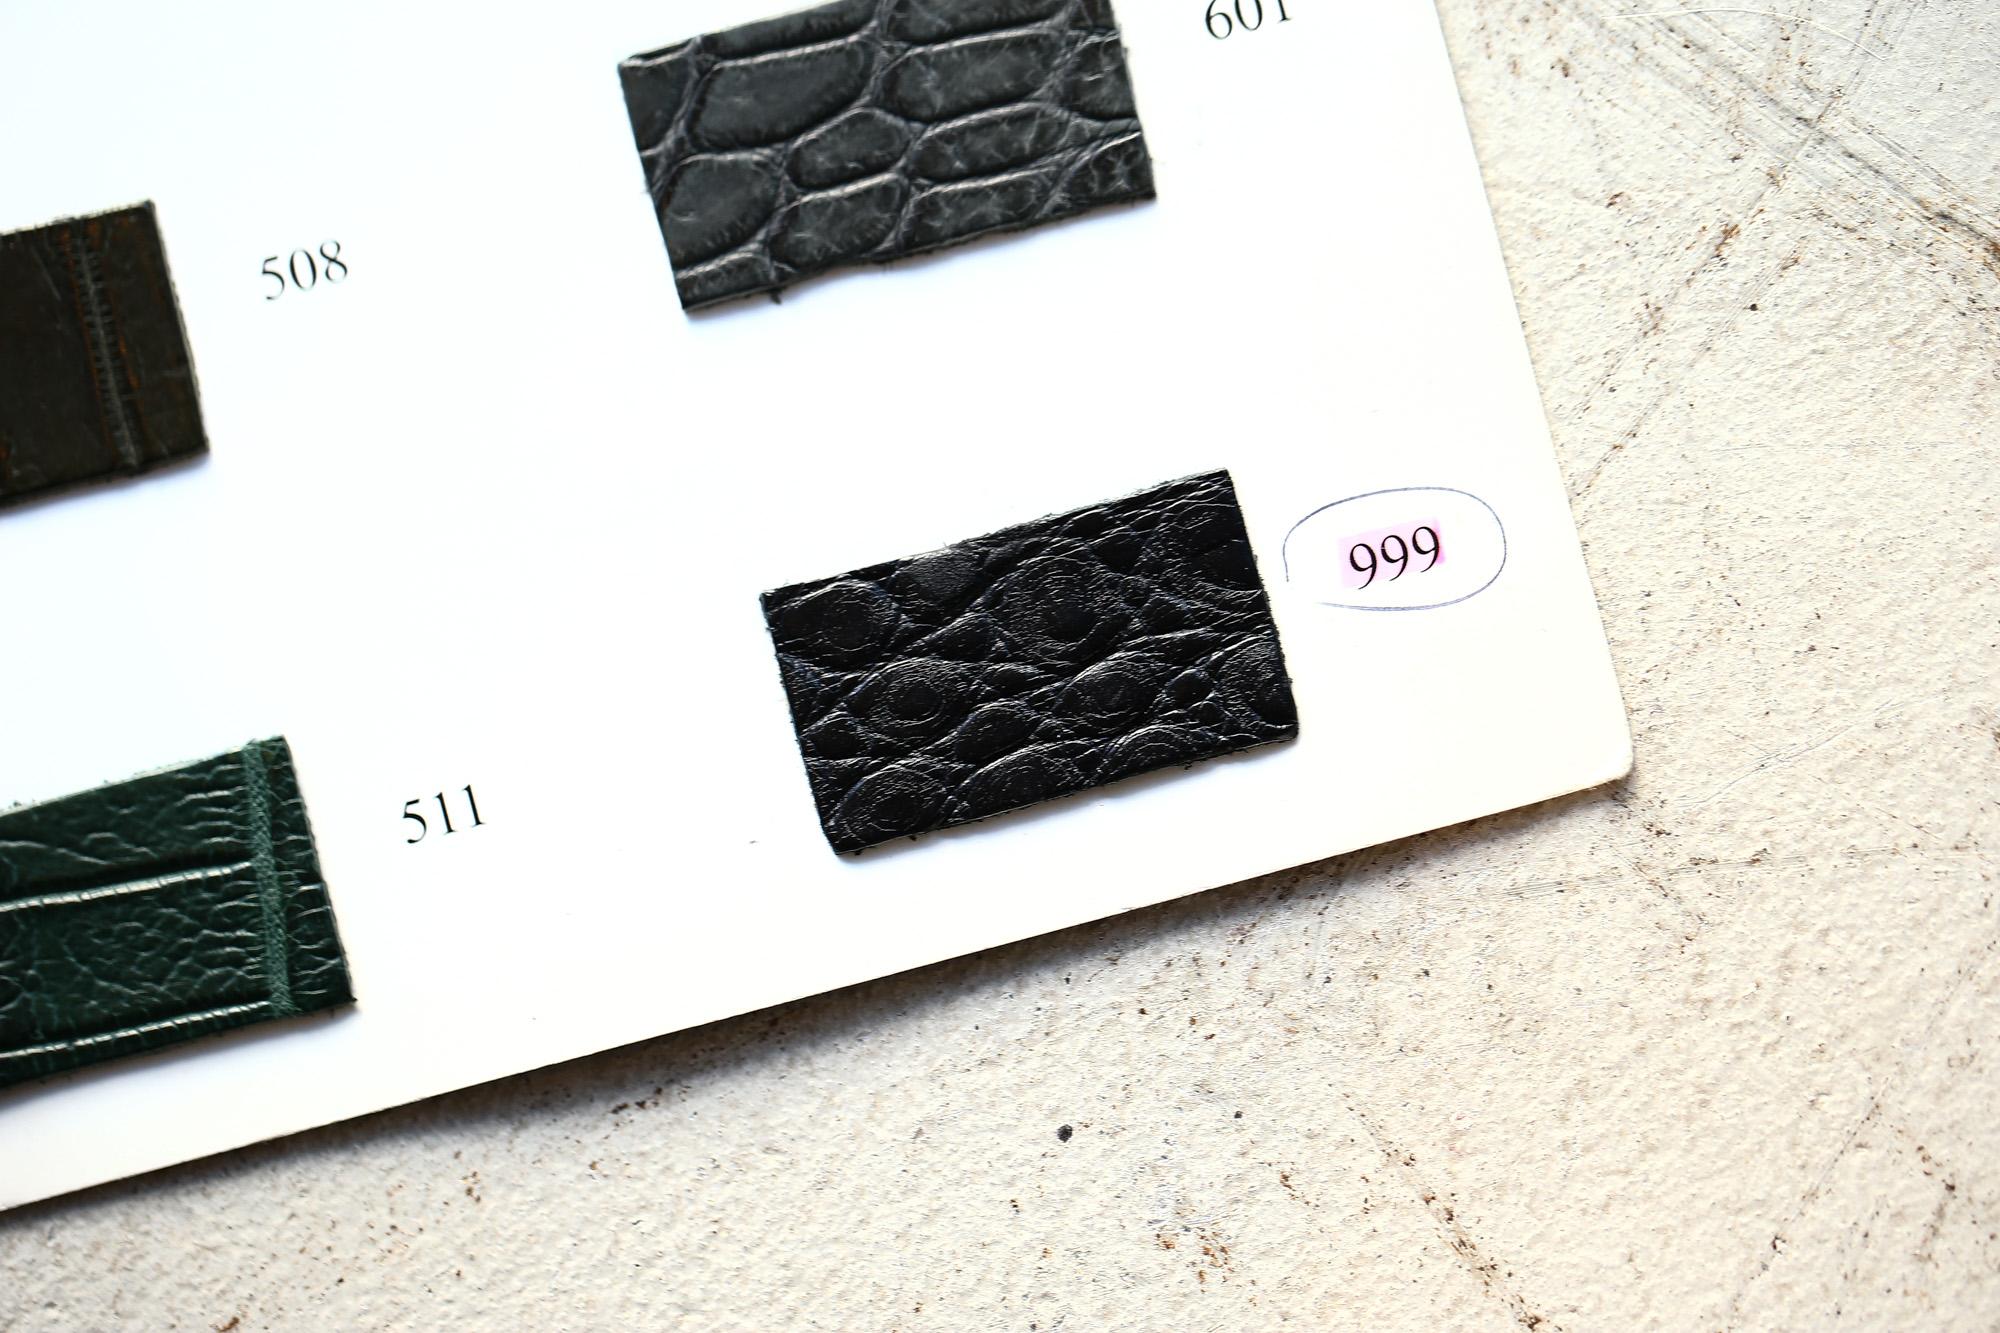 ENZO BONAFE(エンツォボナフェ) ART.3713 Coin Loafer コインローファー Crocodile クロコダイル エキゾチックレザーシューズ BLACK・999(ブラック・999) made in italy(イタリア製) 2018秋冬 enozobonafe クロコ クロコローファー 愛知 名古屋 ZODIAC ゾディアック